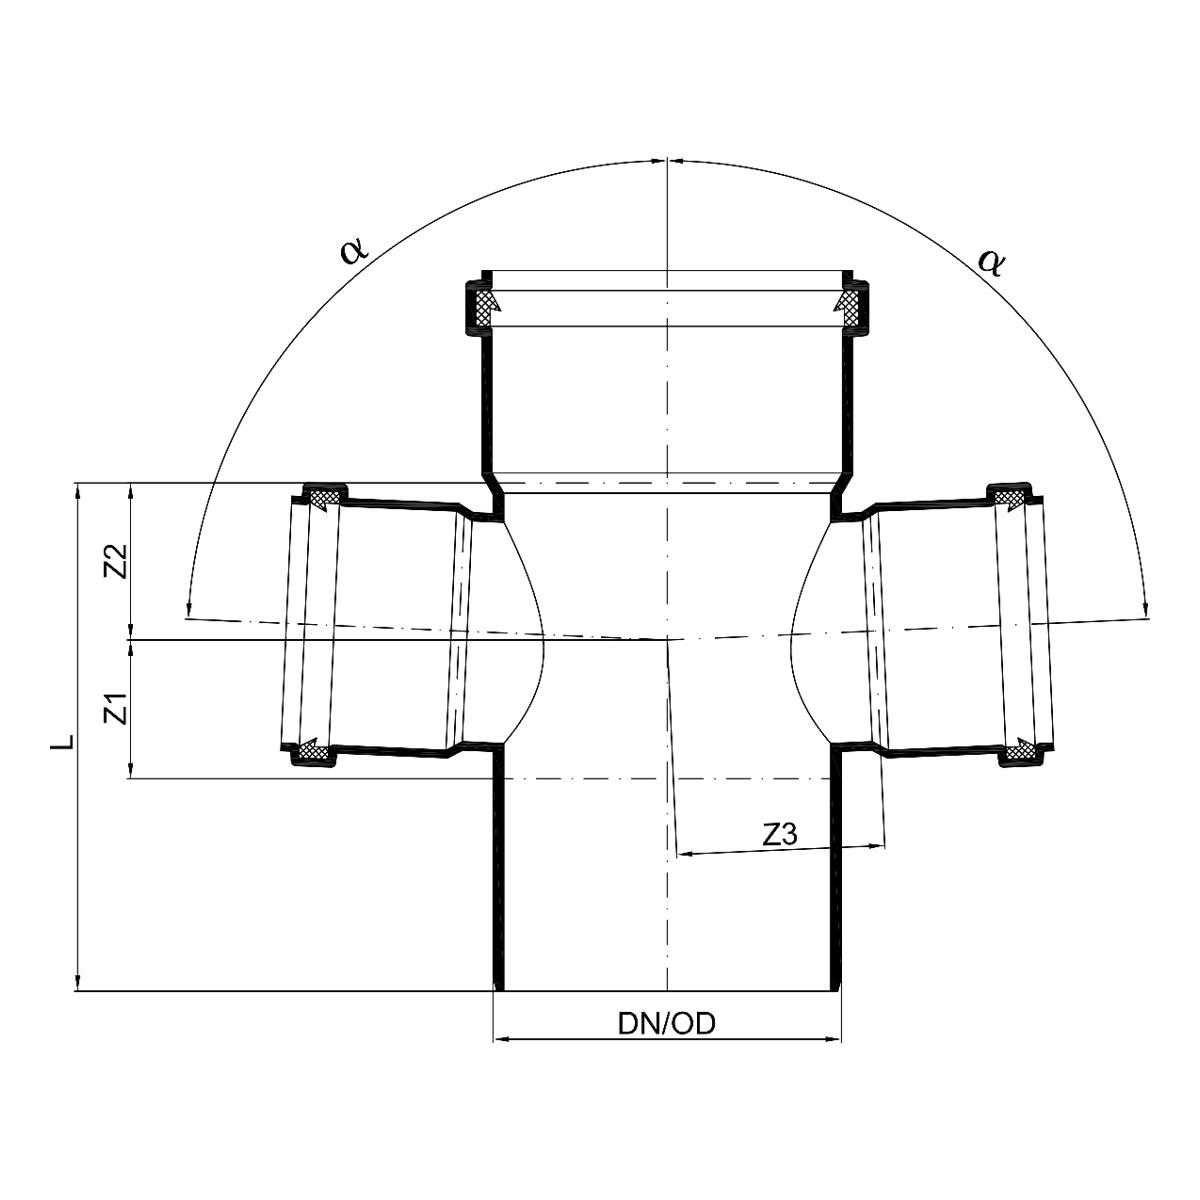 Bekannt POLO-KAL NG Abflussrohr-Doppelabzweig 87,5° Muffen - DN 110 / 75 / 75 QL03